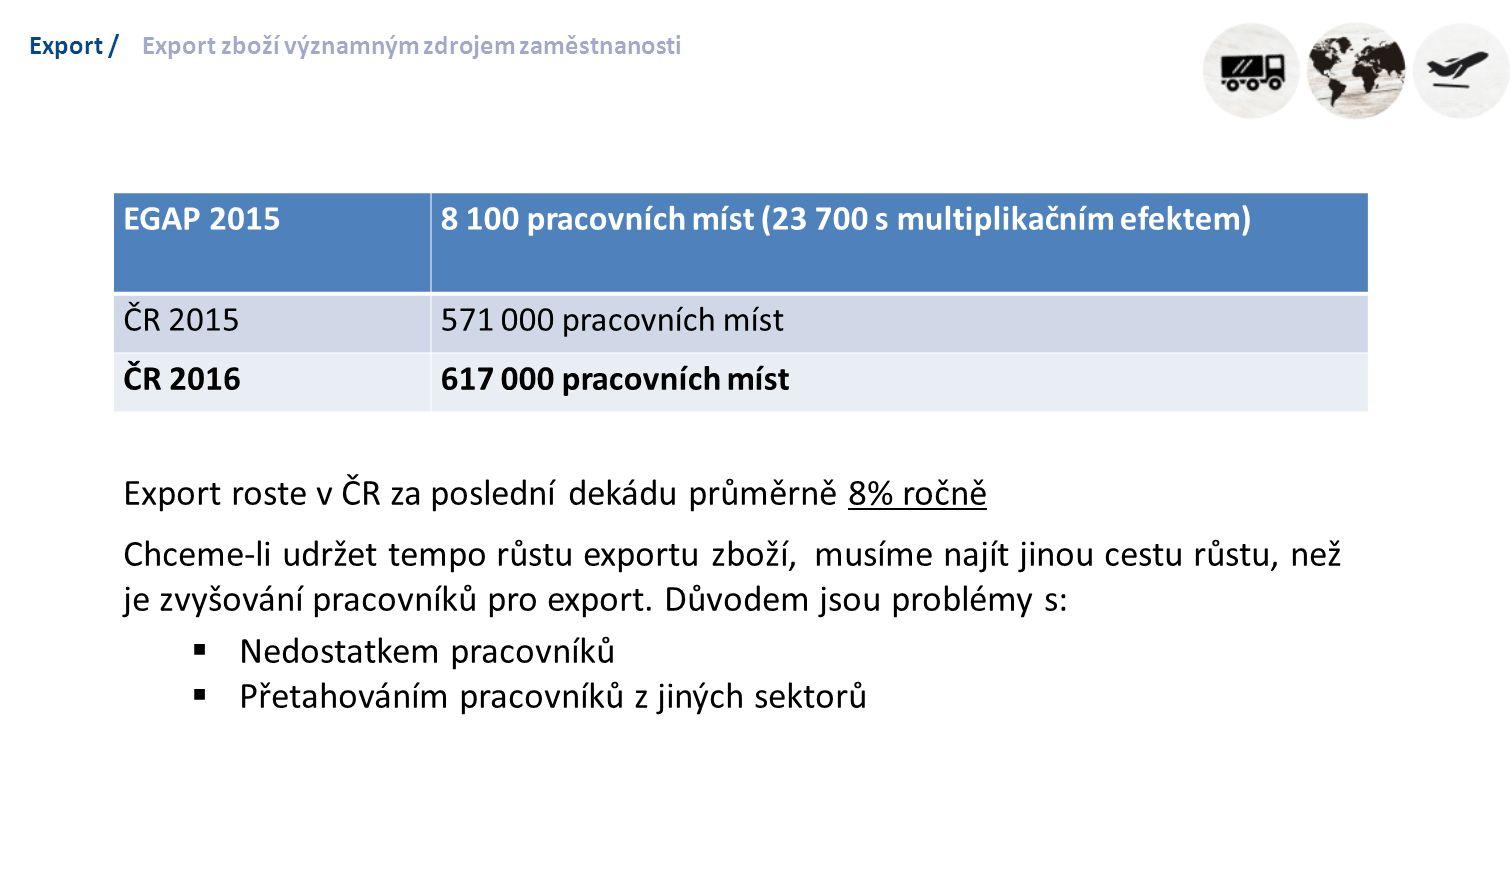 Export /Export zboží významným zdrojem zaměstnanosti EGAP 20158 100 pracovních míst (23 700 s multiplikačním efektem) ČR 2015571 000 pracovních míst ČR 2016617 000 pracovních míst Export roste v ČR za poslední dekádu průměrně 8% ročně Chceme-li udržet tempo růstu exportu zboží, musíme najít jinou cestu růstu, než je zvyšování pracovníků pro export.